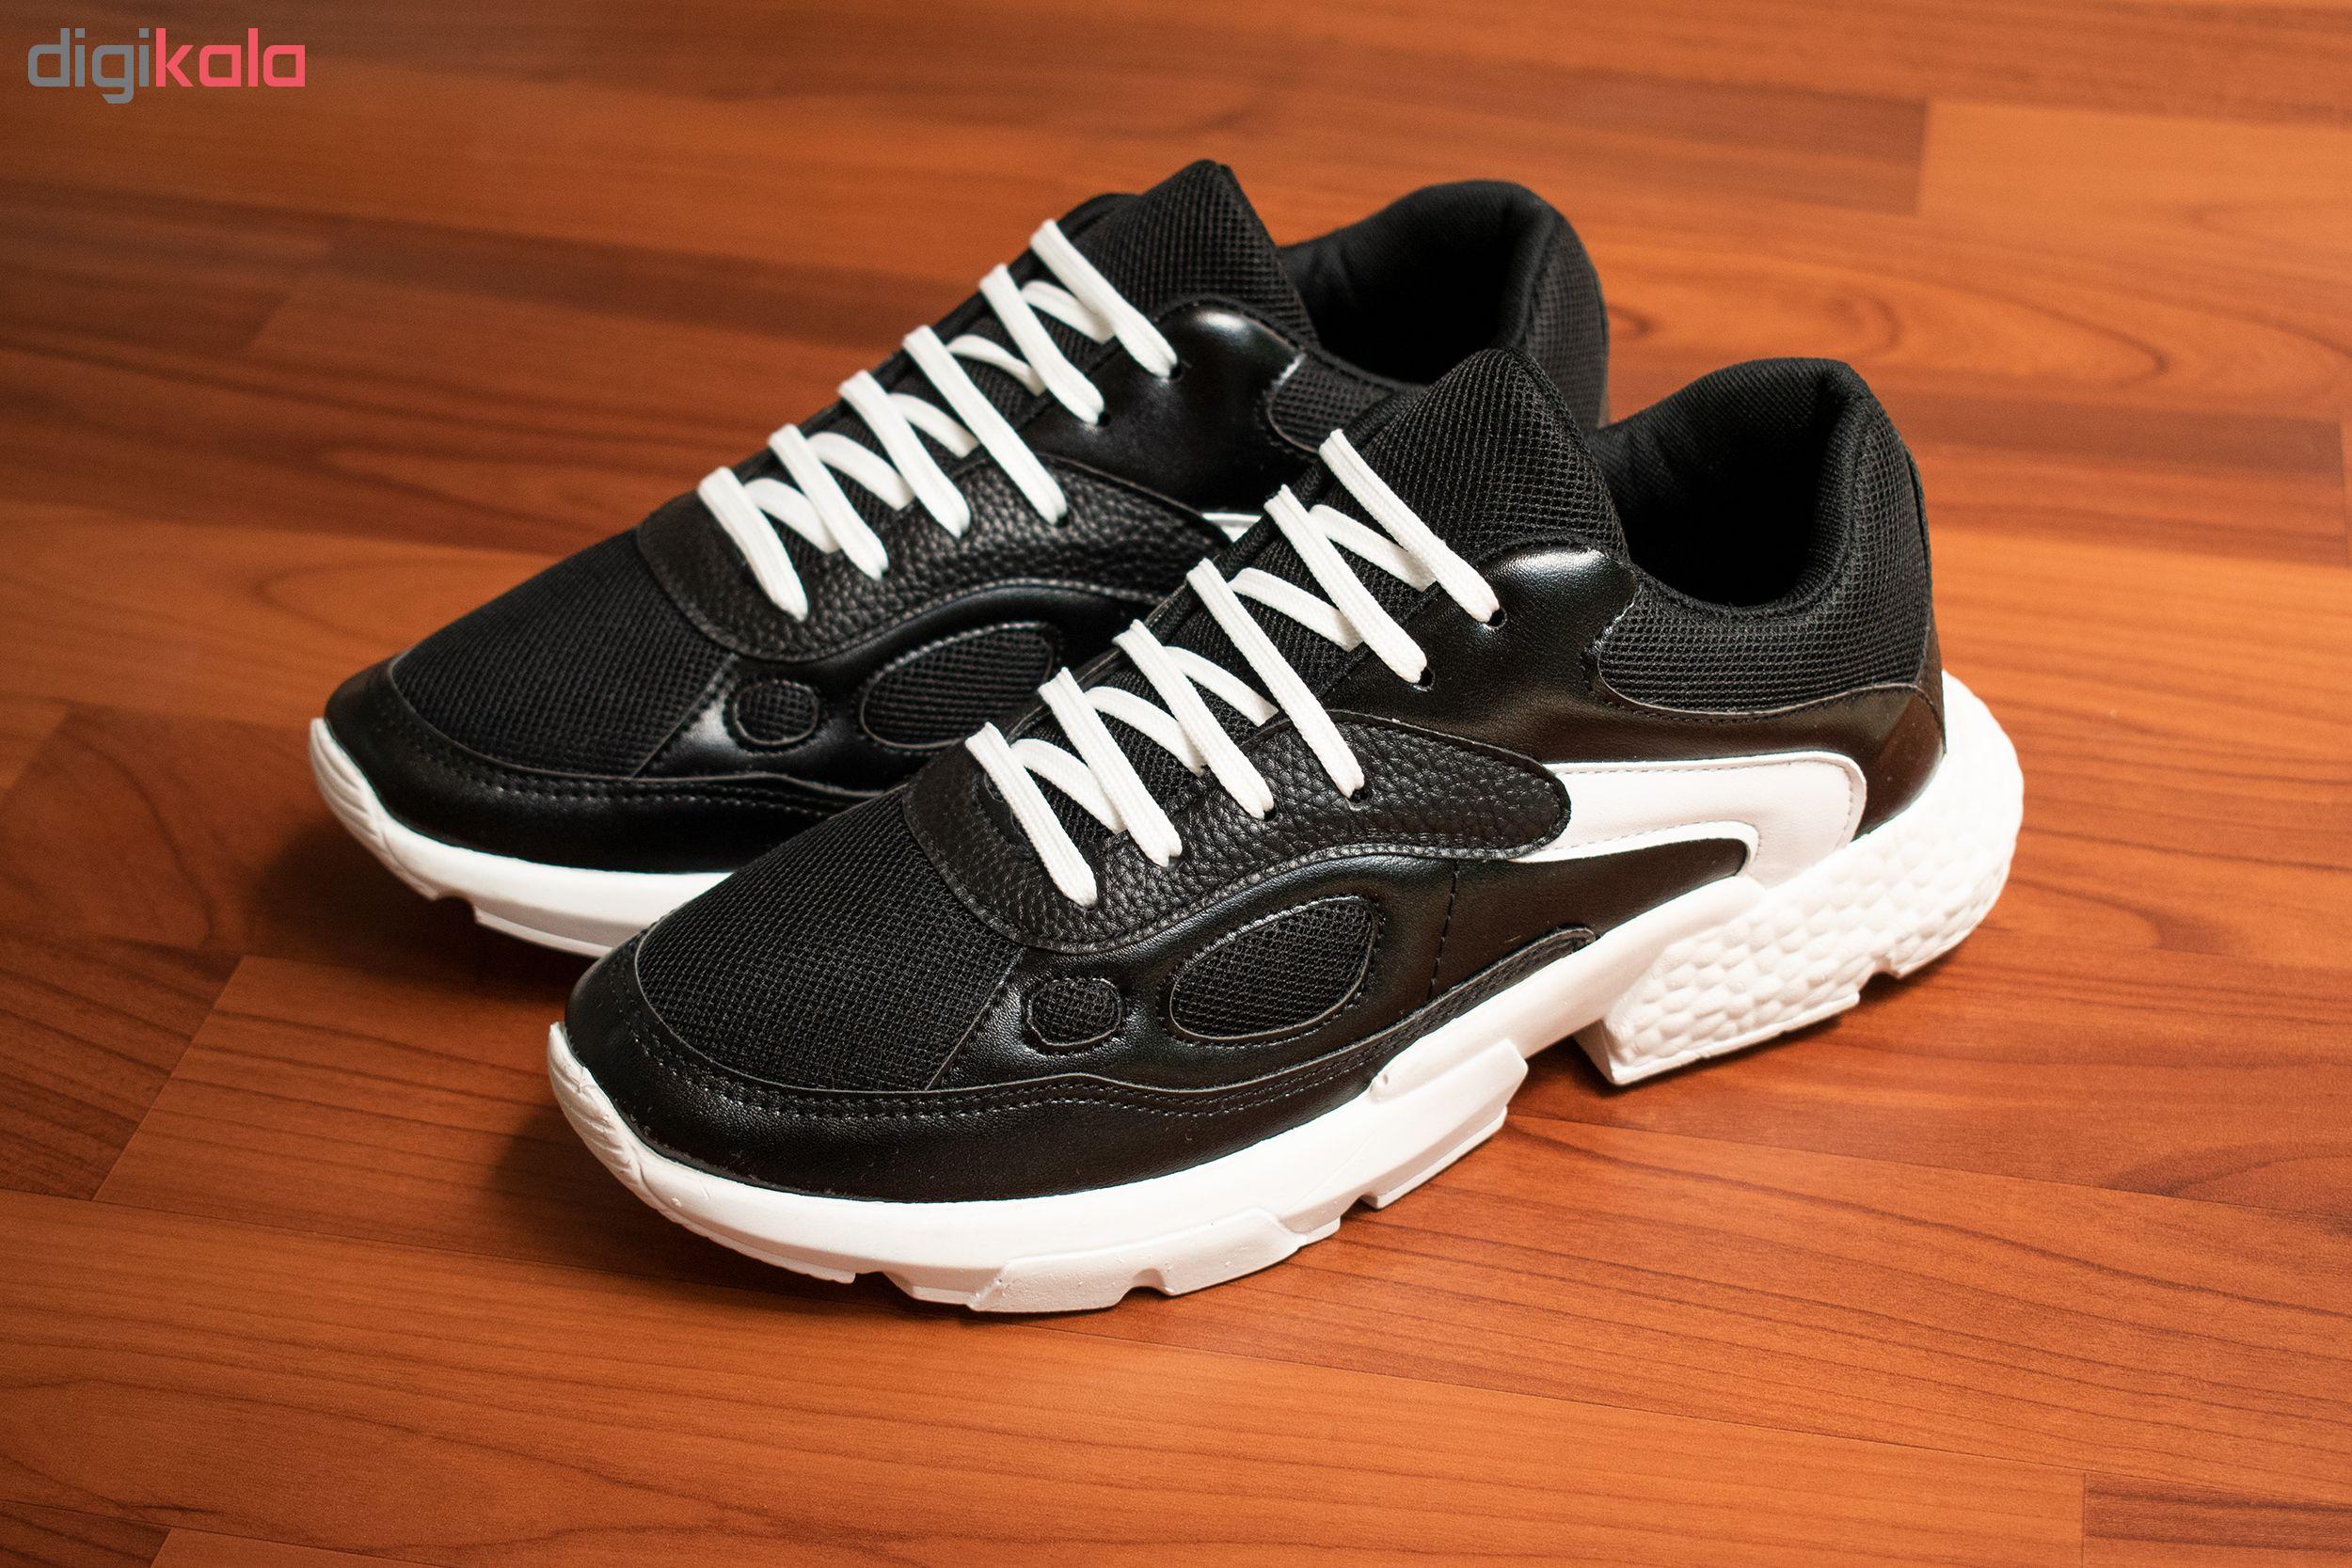 کفش مخصوص پیاده روی مردانه مدل بوناچر کد 4098